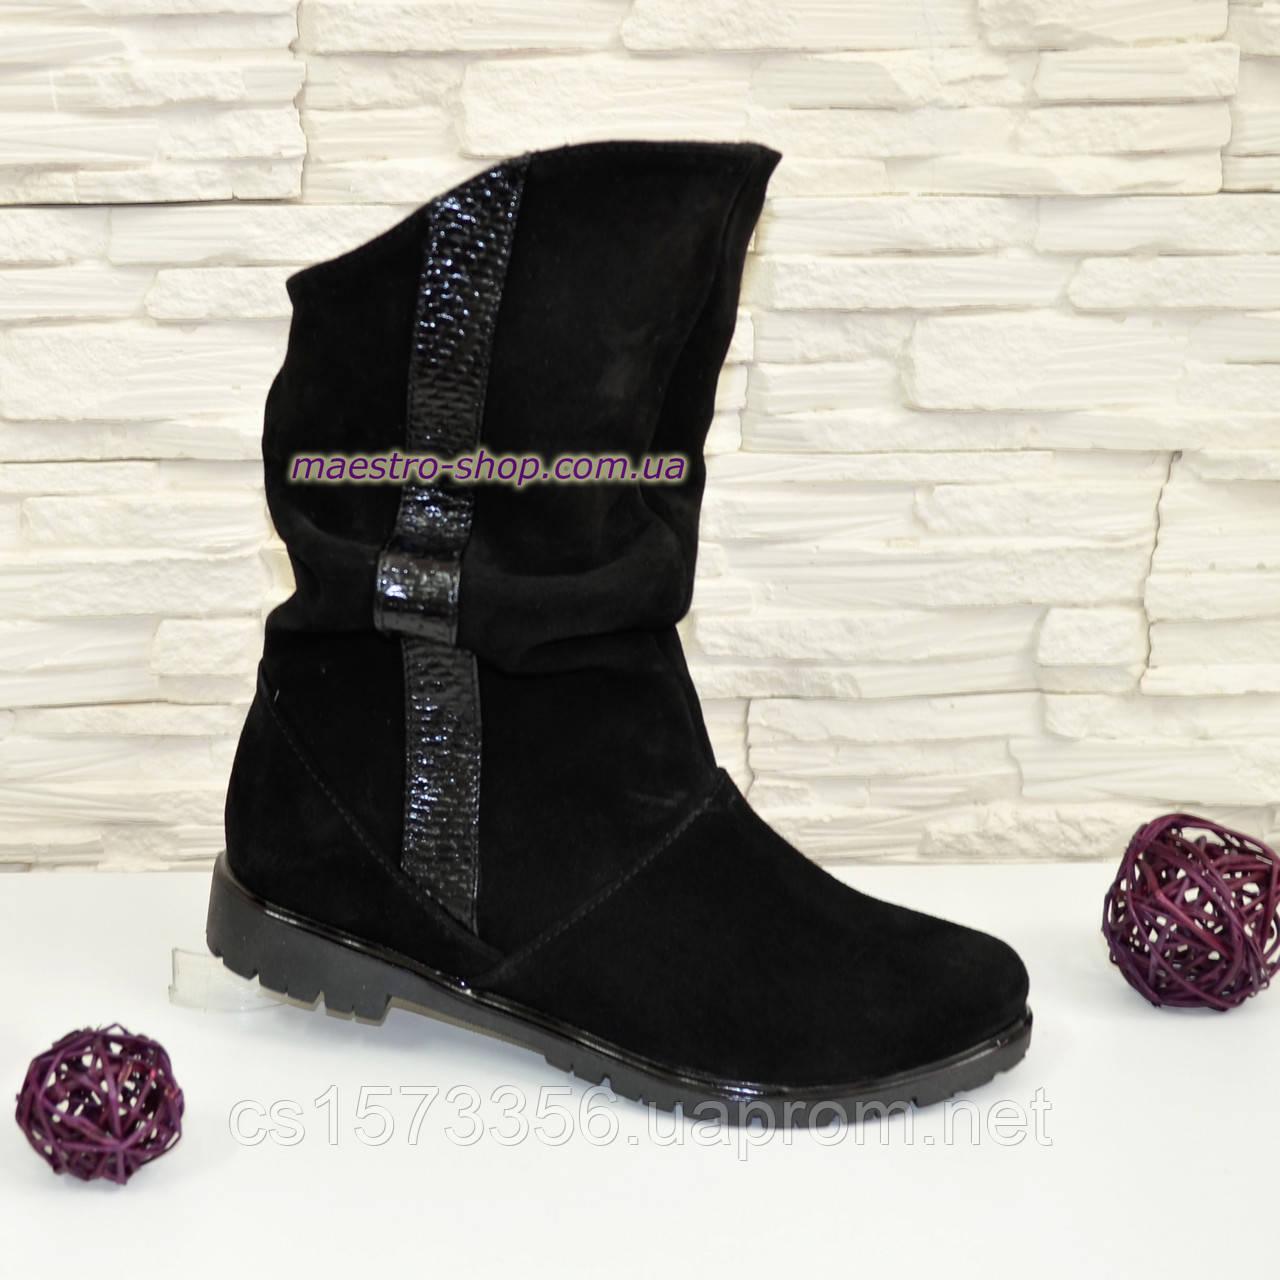 Ботинки женские замшевые зимние свободного одевания